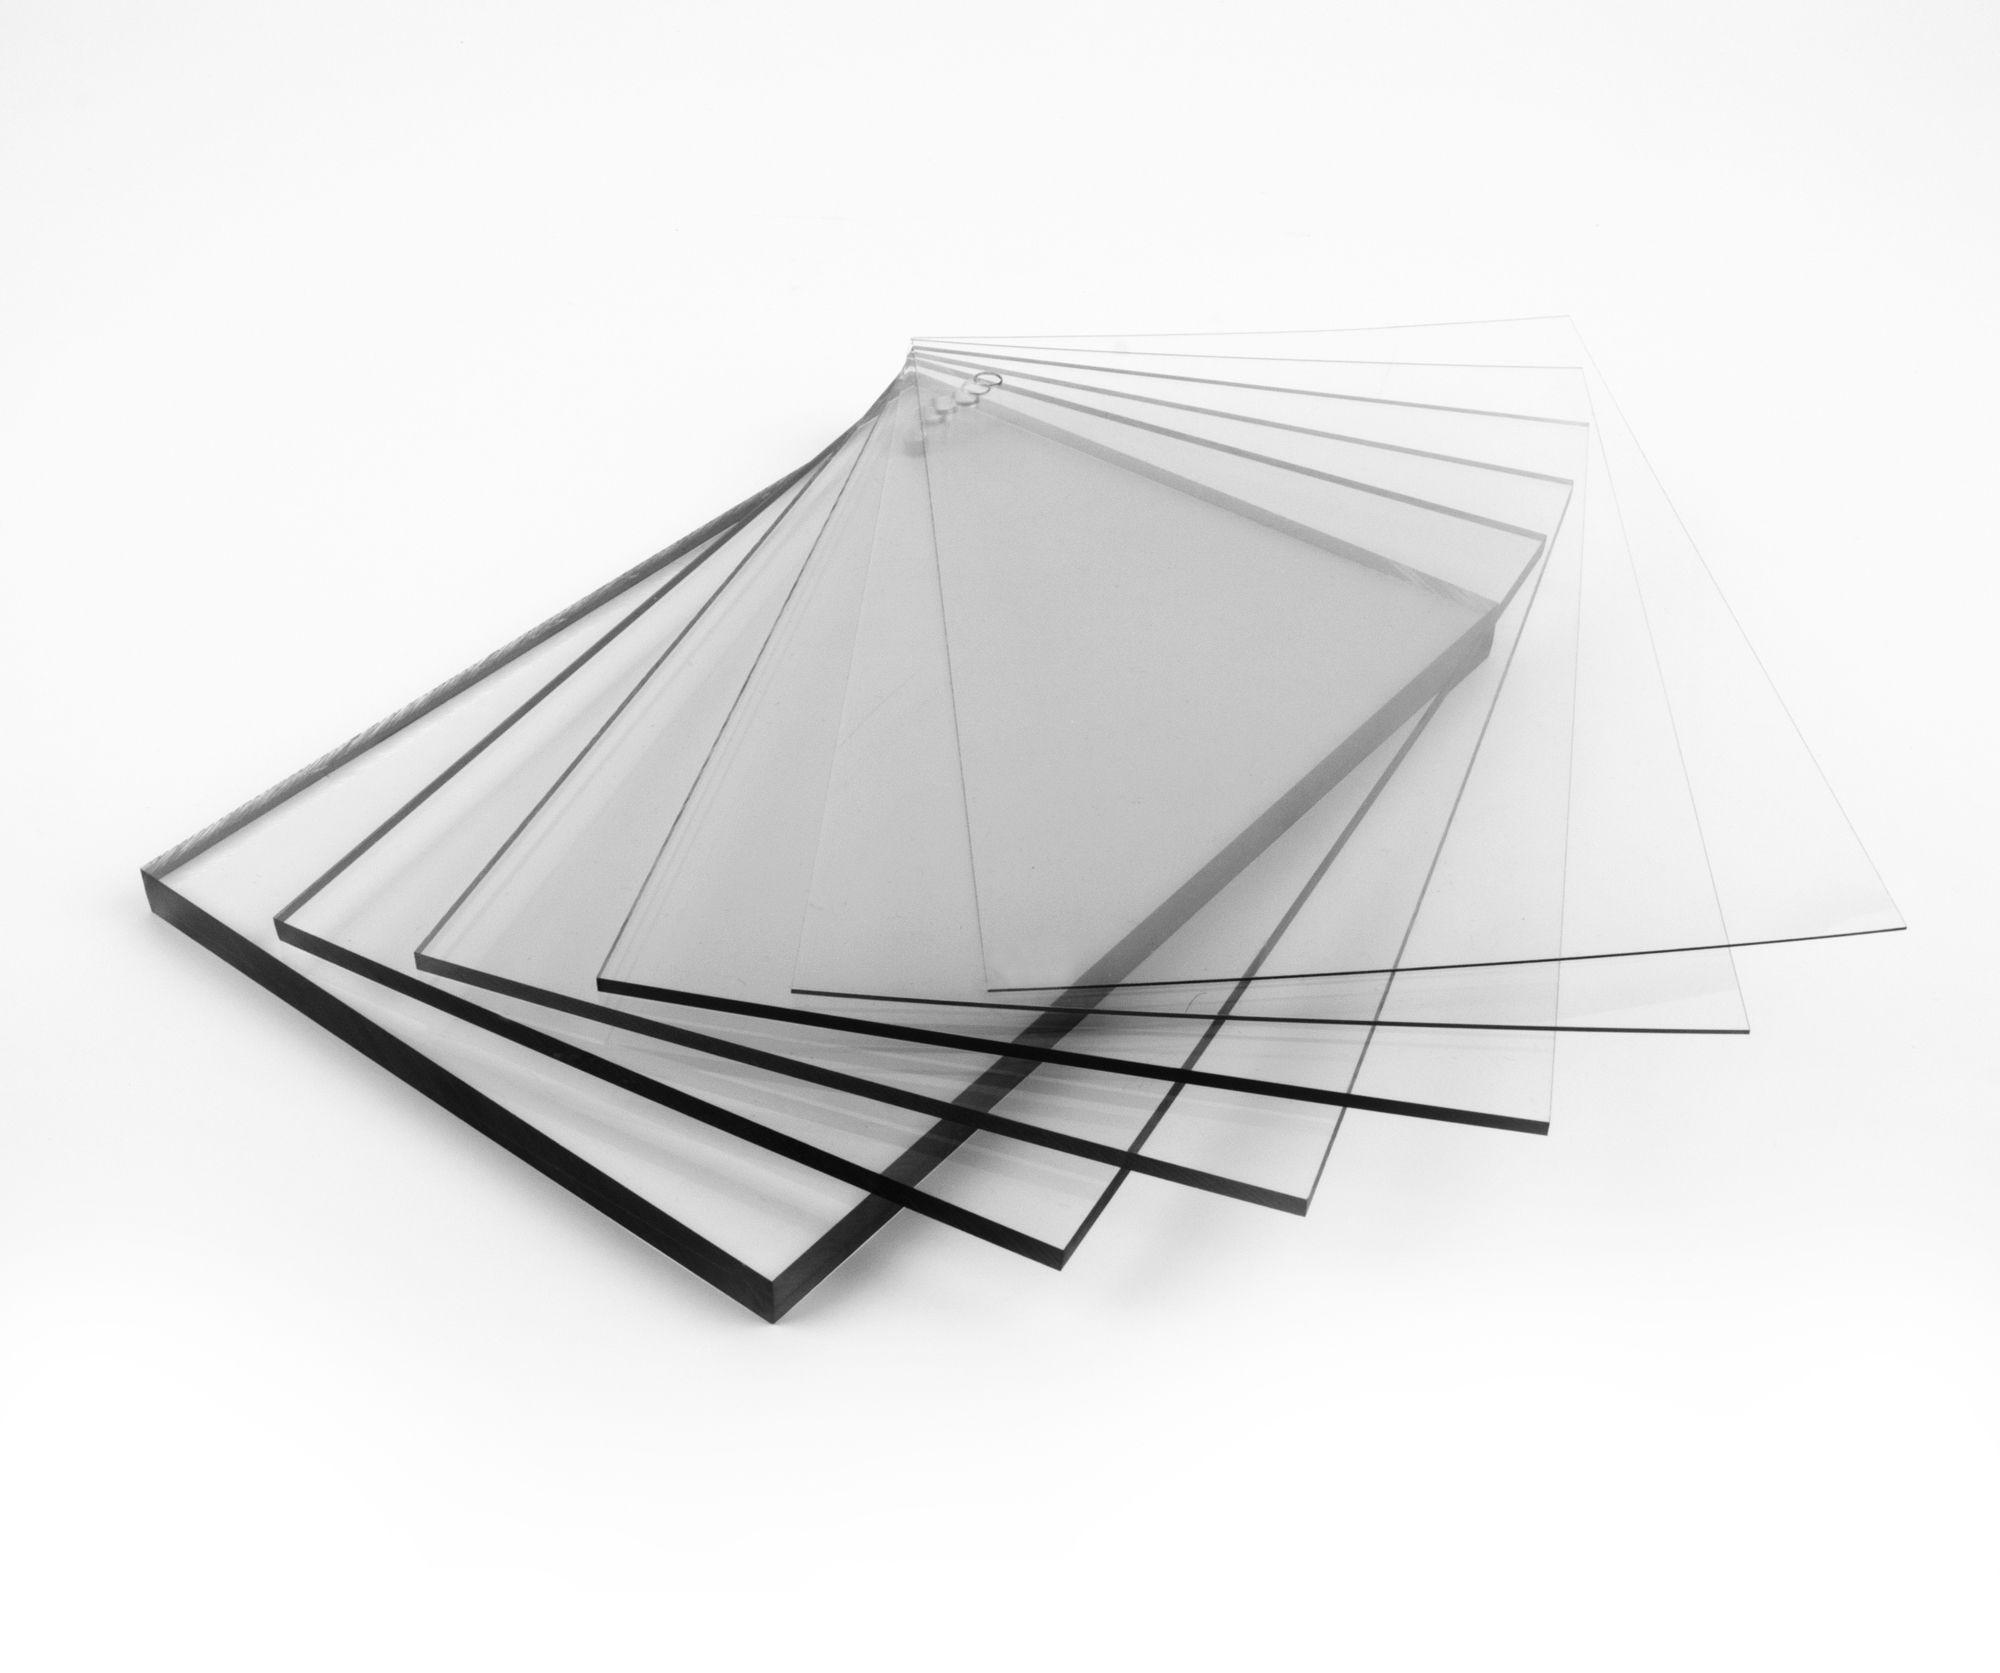 Плексиглас: что входит в состав стекла? оргстекло plexiglas gs и другие виды, формула материала и использование листов